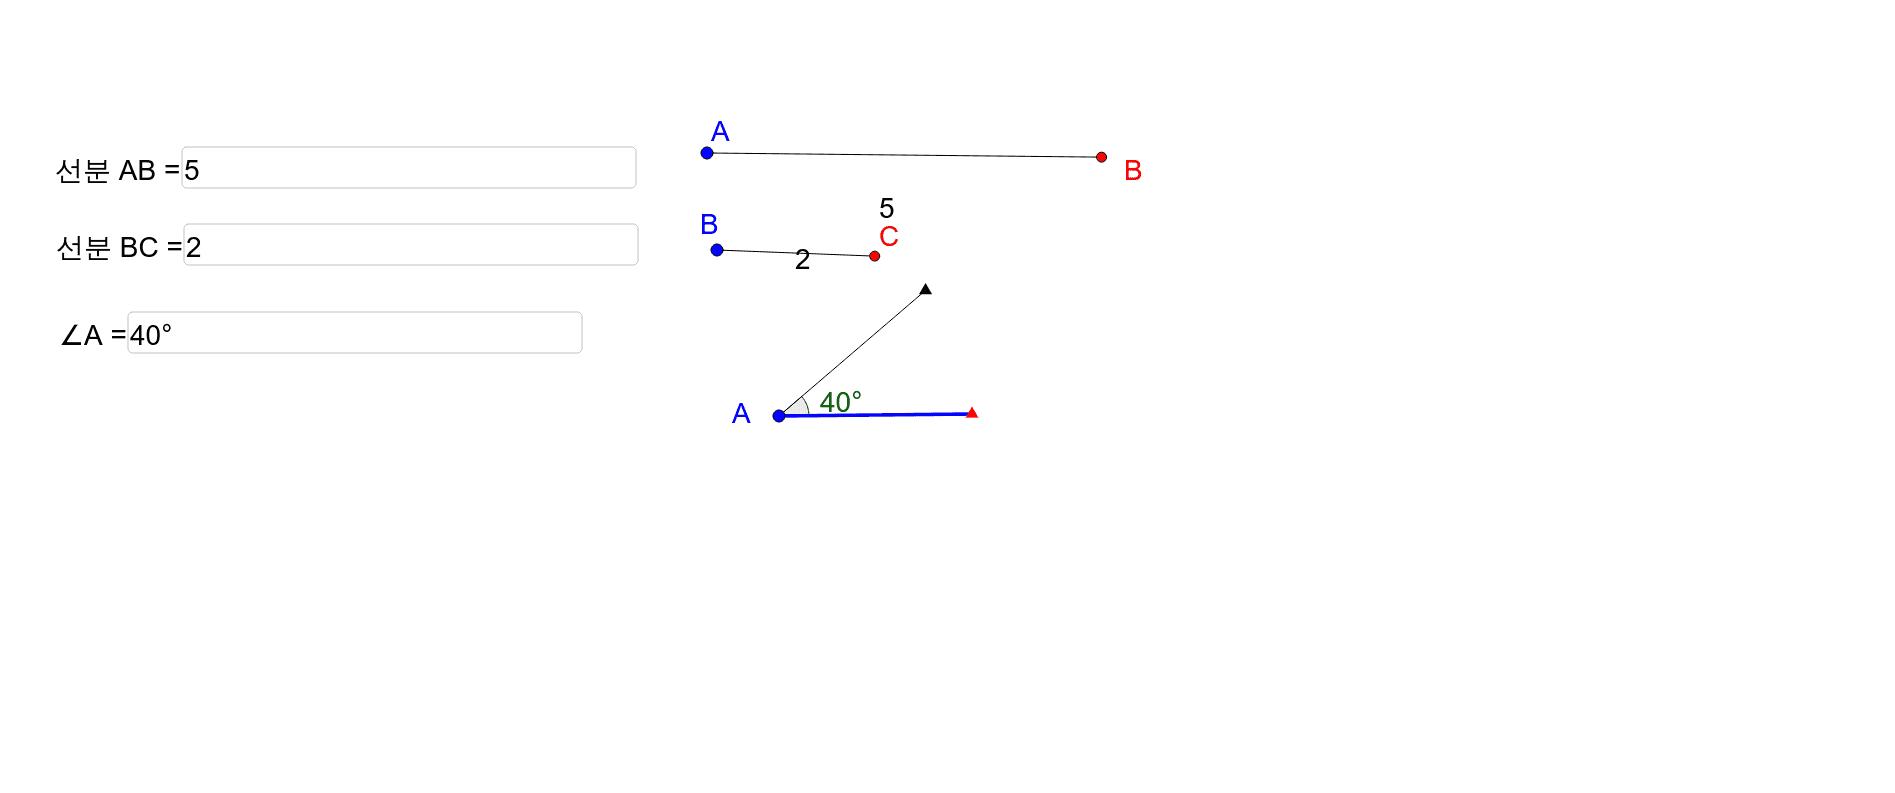 숫자 입력: 값 변경 |  파란 점: 도형 이동  |  빨간 점: 도형 회전